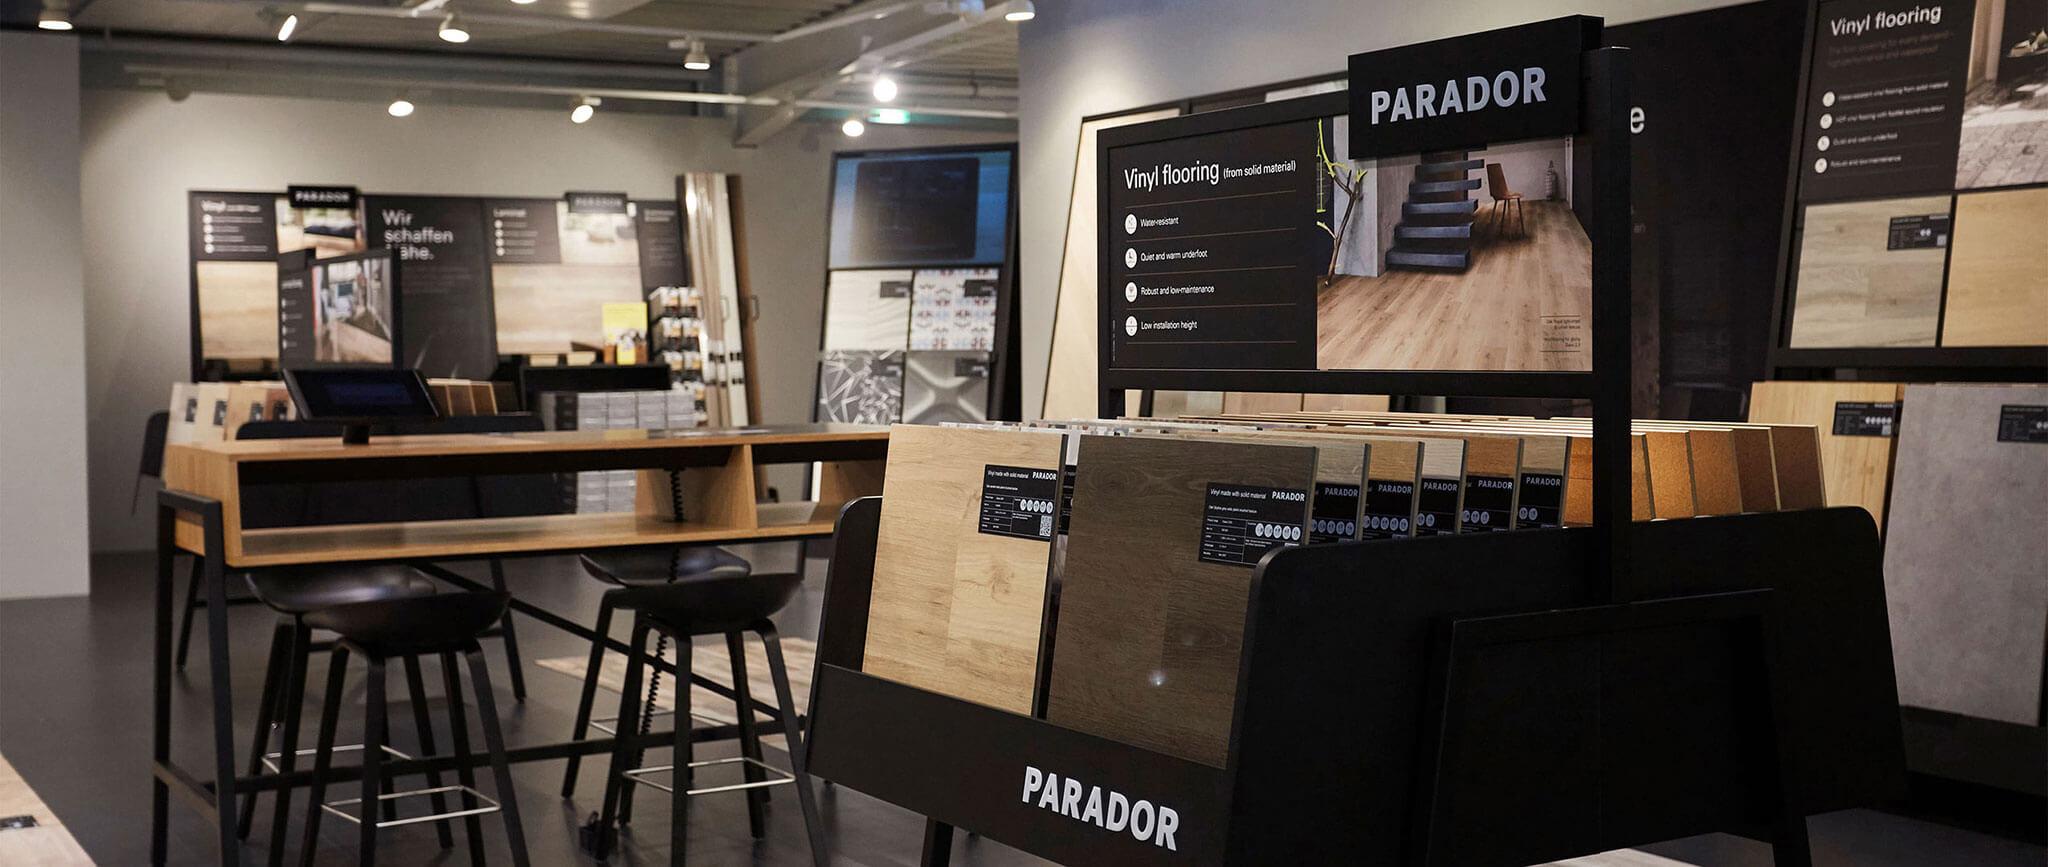 Parador PoS-System: Shopdesign von Agentur Preussisch Portugal aus Hamburg